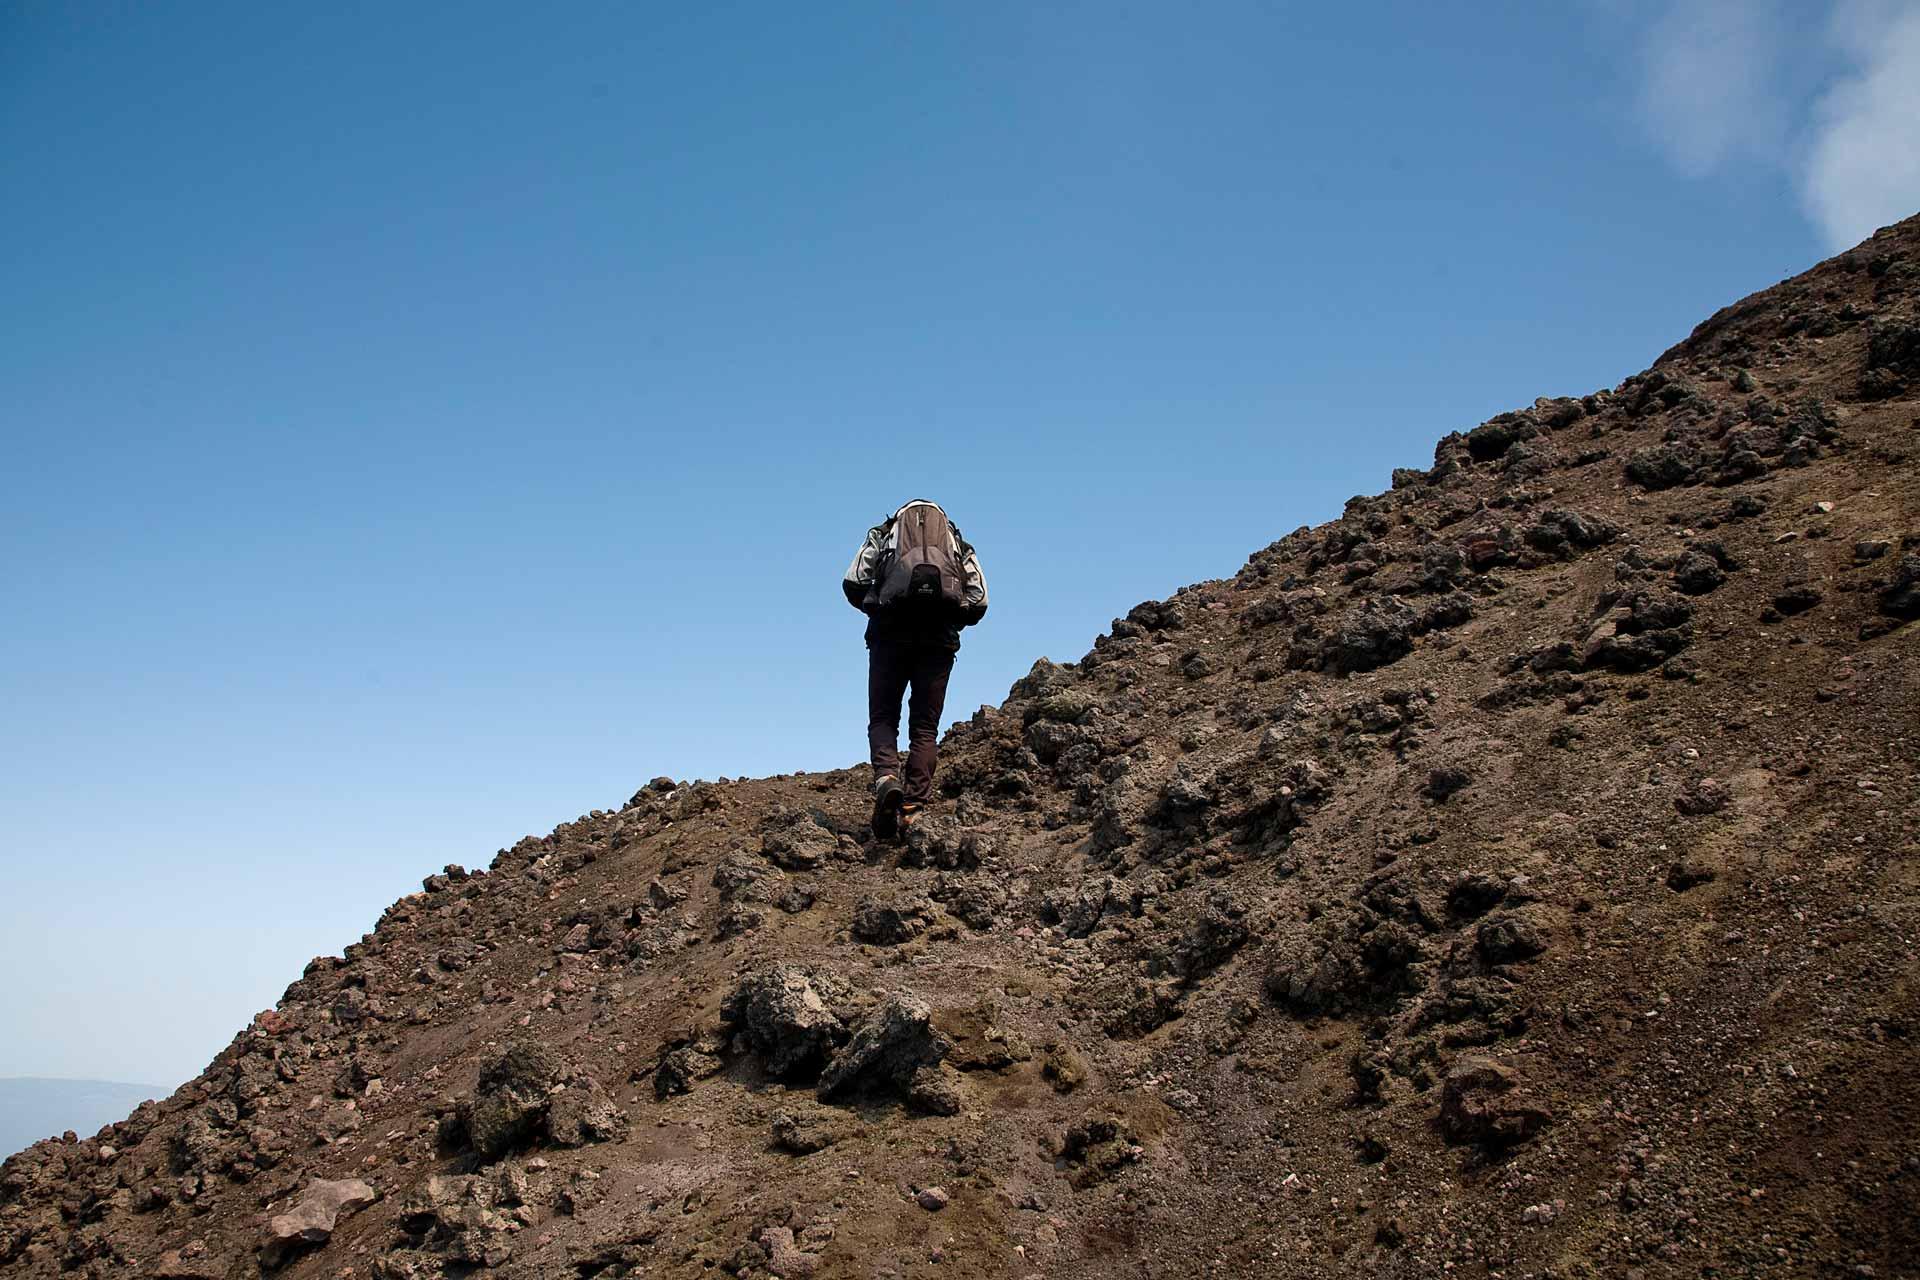 Nous continuons la mont?e sur la cr?te sud-ouest du volcan, les c?nes noirs des crat?res adventifs, que nous rencontrons en cours de route, sont les sinistres vestiges de terribles et r?centes ?ruptions lat?rales. La zone du crat?re sommital ne reste jamais la m?me au fil du temps, au contraire, elle change continuellement. Qu'il suffise de dire qu'il y a seulement cent vingt ans le sommet du volcan culminait avec un seul crat?re central, alors qu'aujourd'hui on en trouve quatre, preuve de changements morpho-structurels rapides et marqu?s.